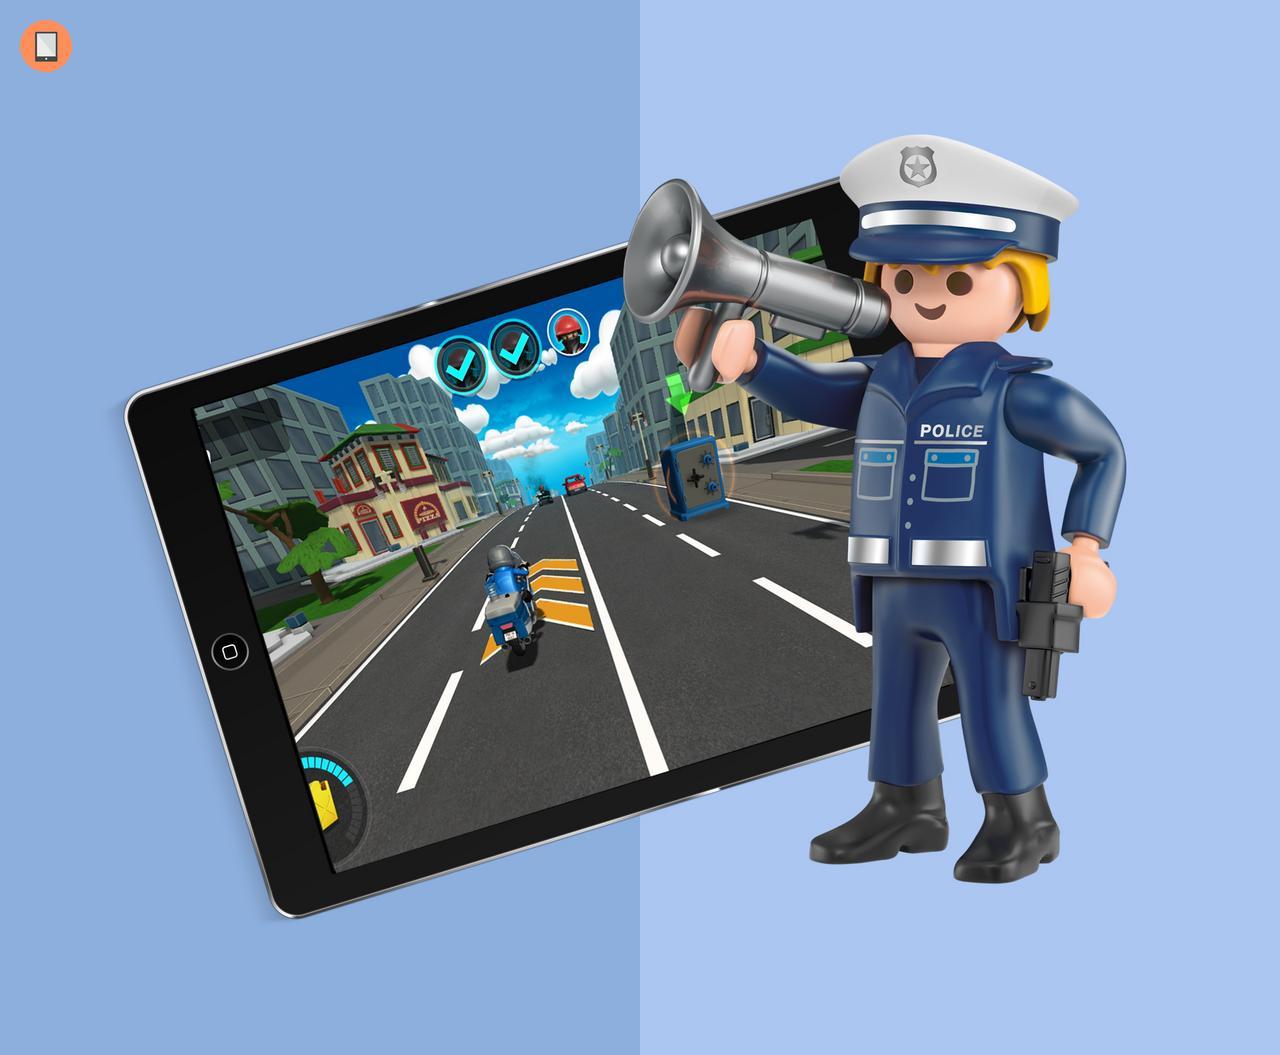 Playmobil 174 Jouets Boutique Officielle France Playmobil